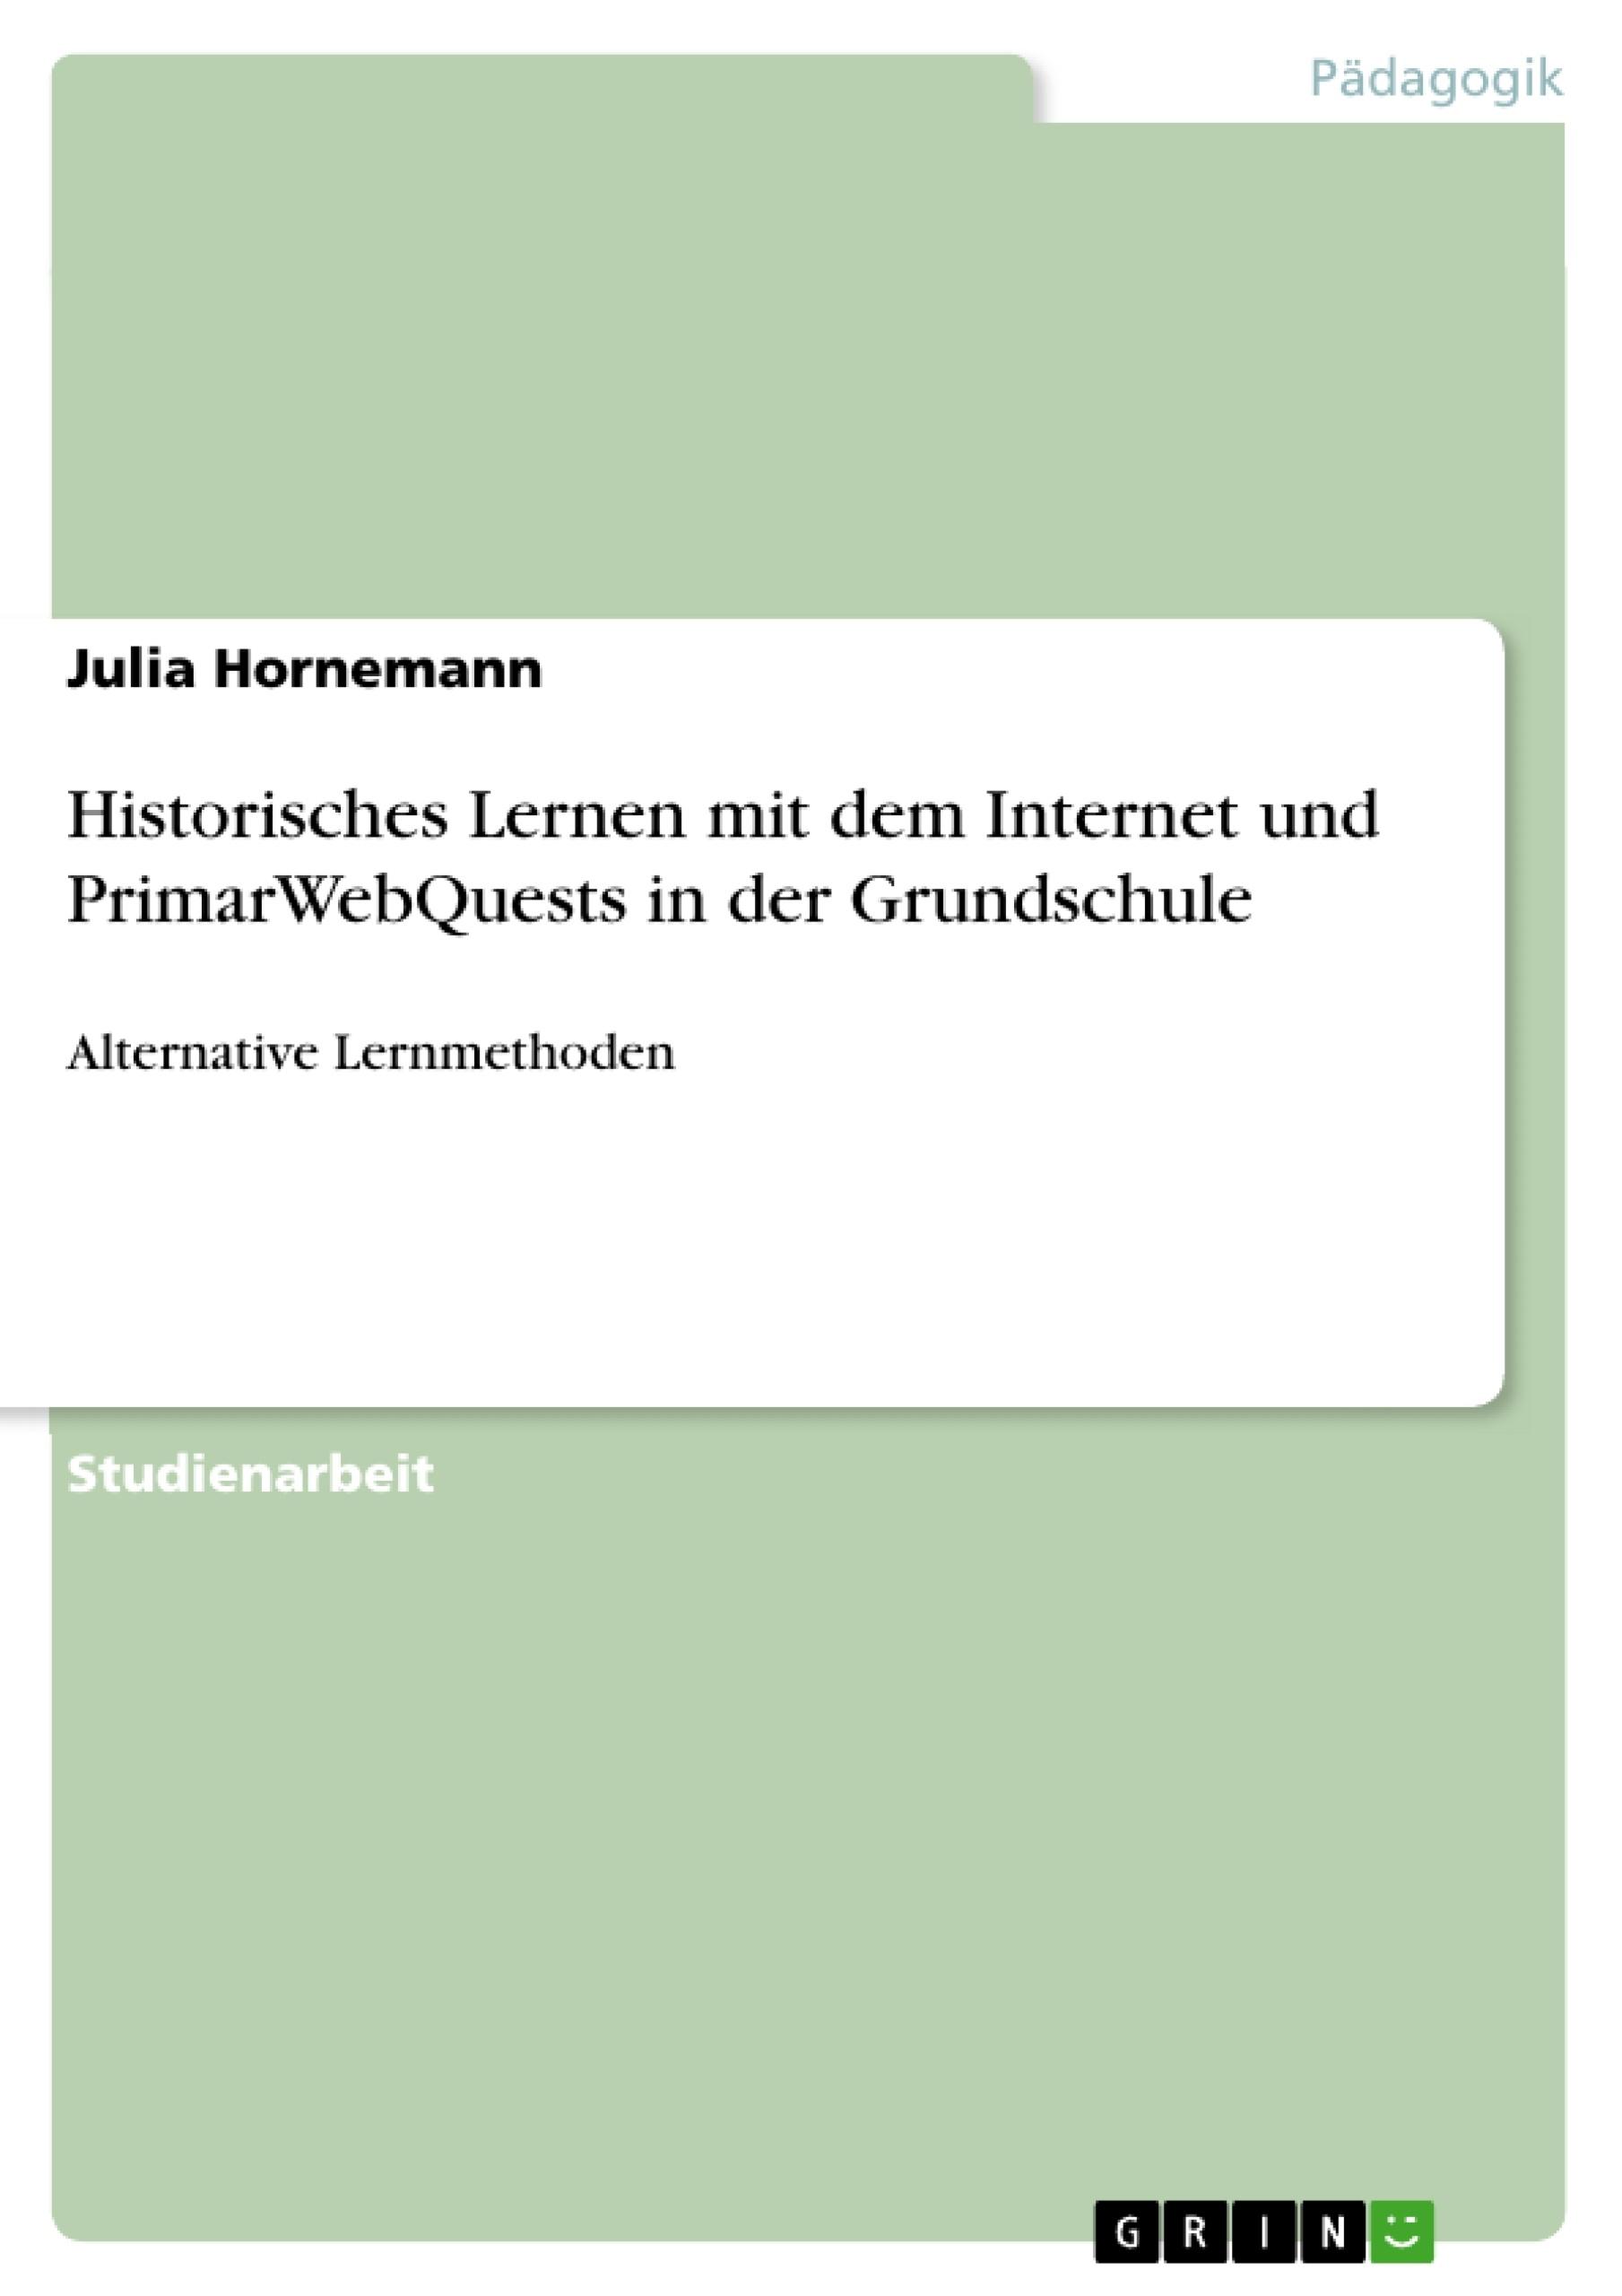 Titel: Historisches Lernen mit dem Internet und PrimarWebQuests in der Grundschule